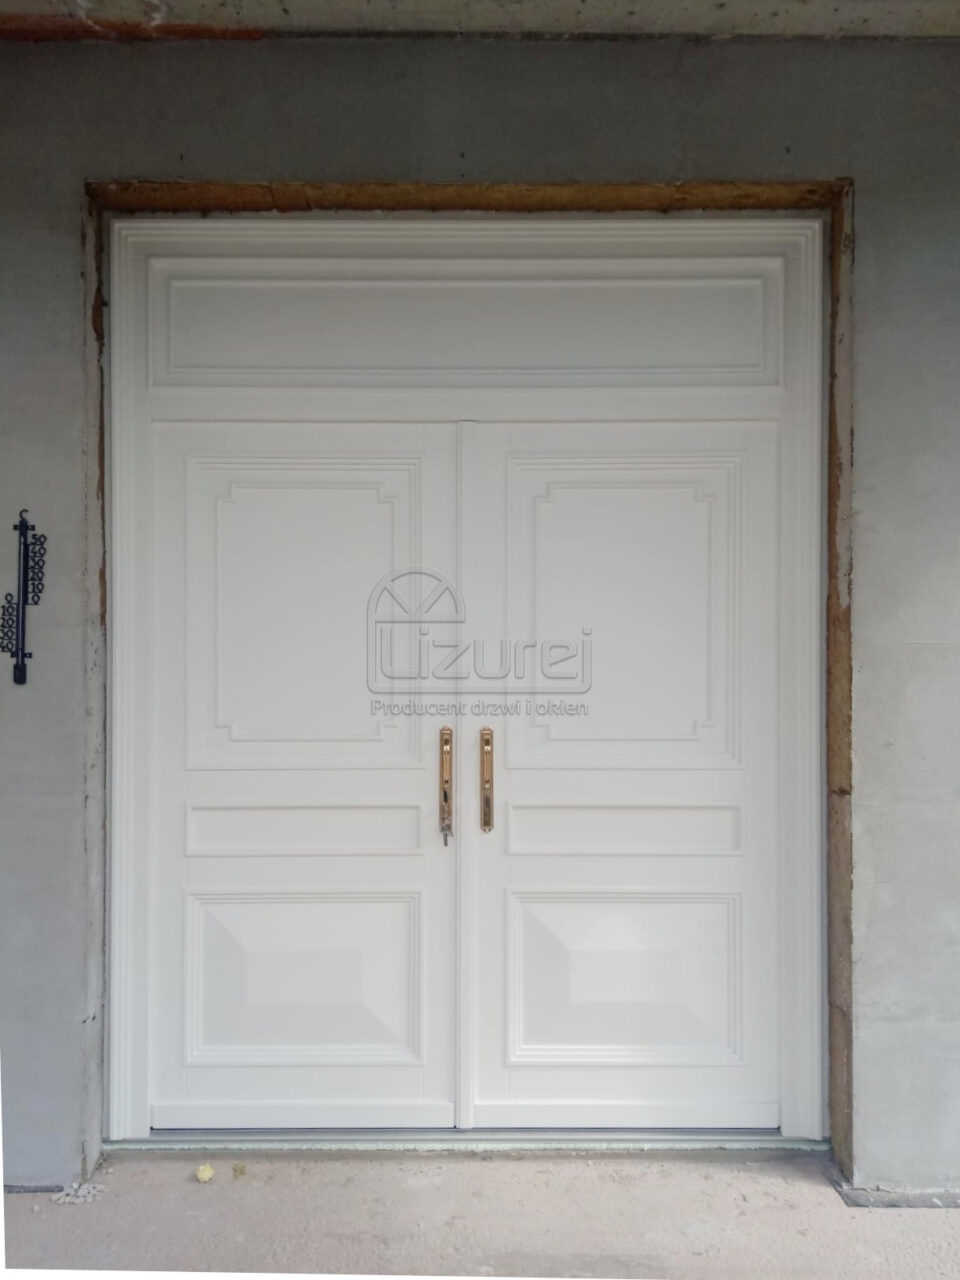 Drzwi dwuskrzydłowe pasywne i energooszczędne białe do rezydencji i willi oraz do kamienicy LZ656